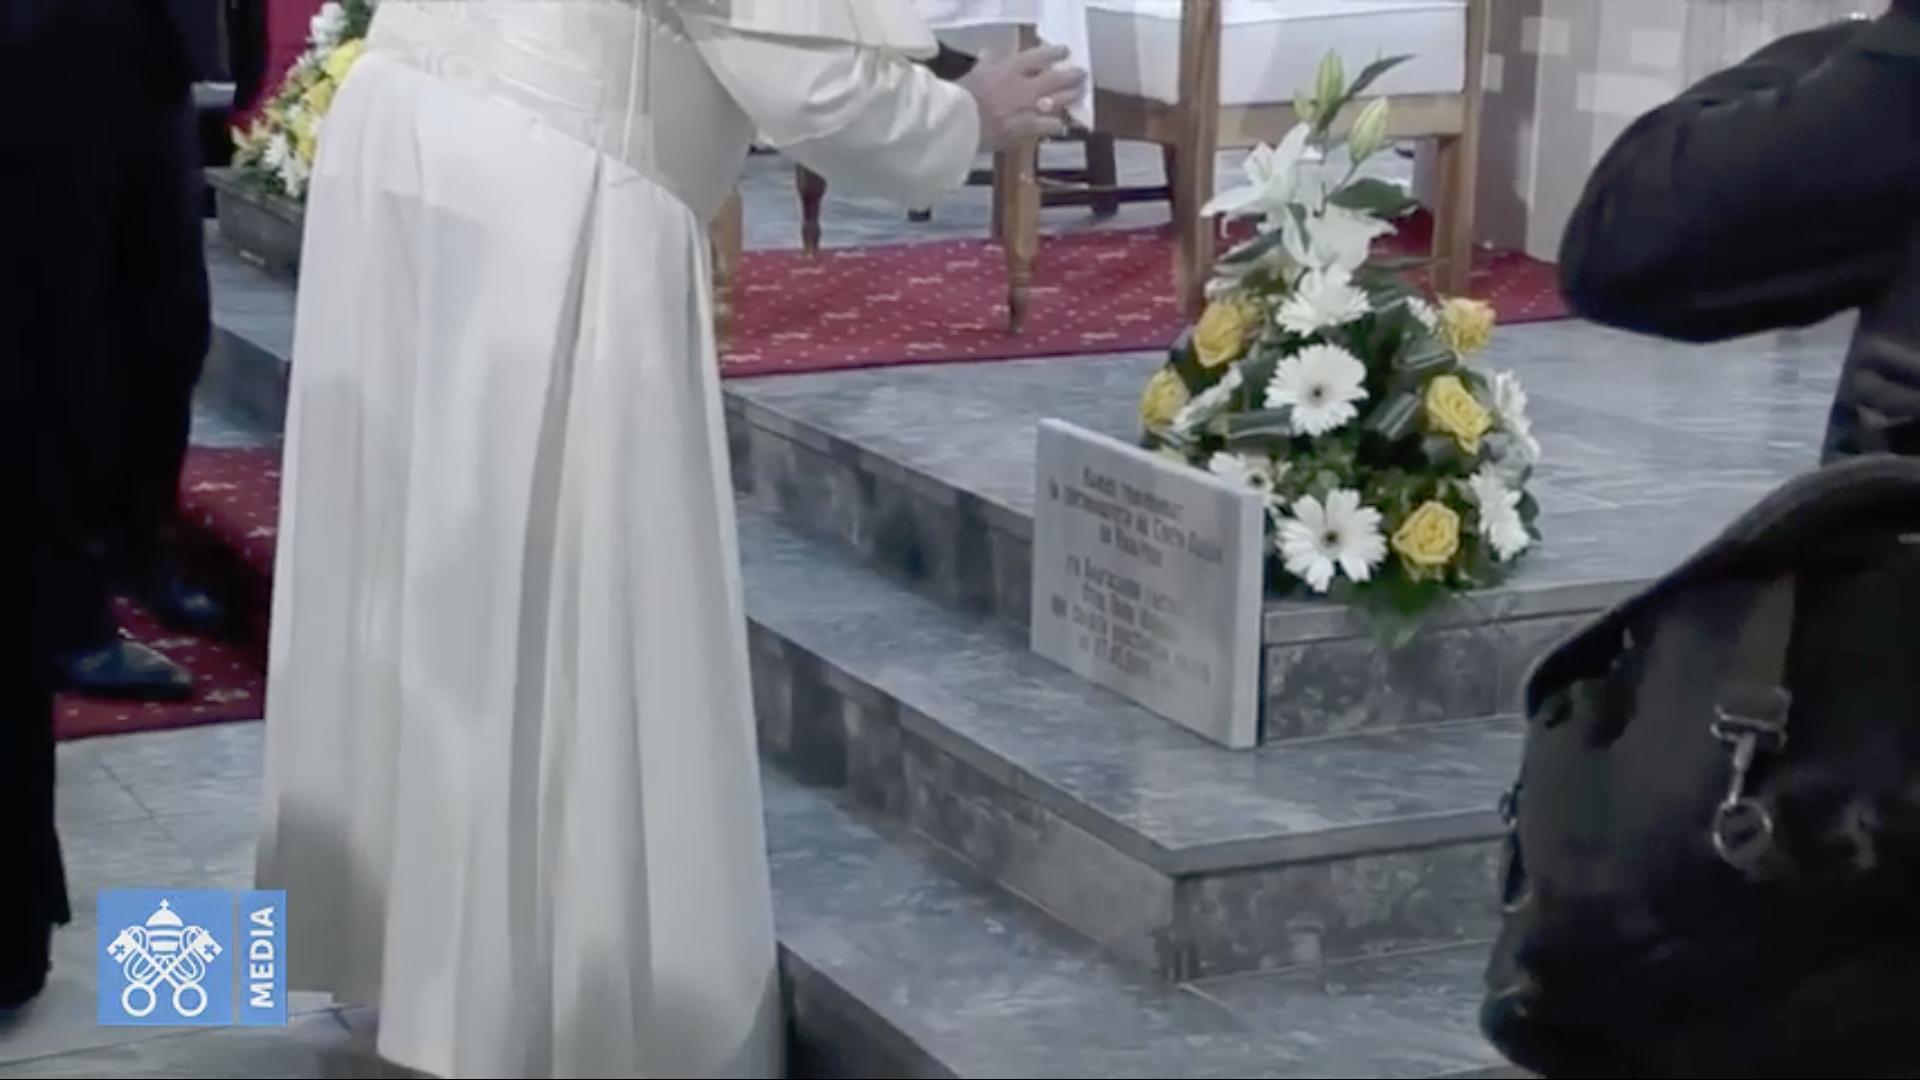 Bénédiction de la première pierre d'une nouvelle église, cathédrale de Skopje (Macédoine du Nord) @ Vatican Media